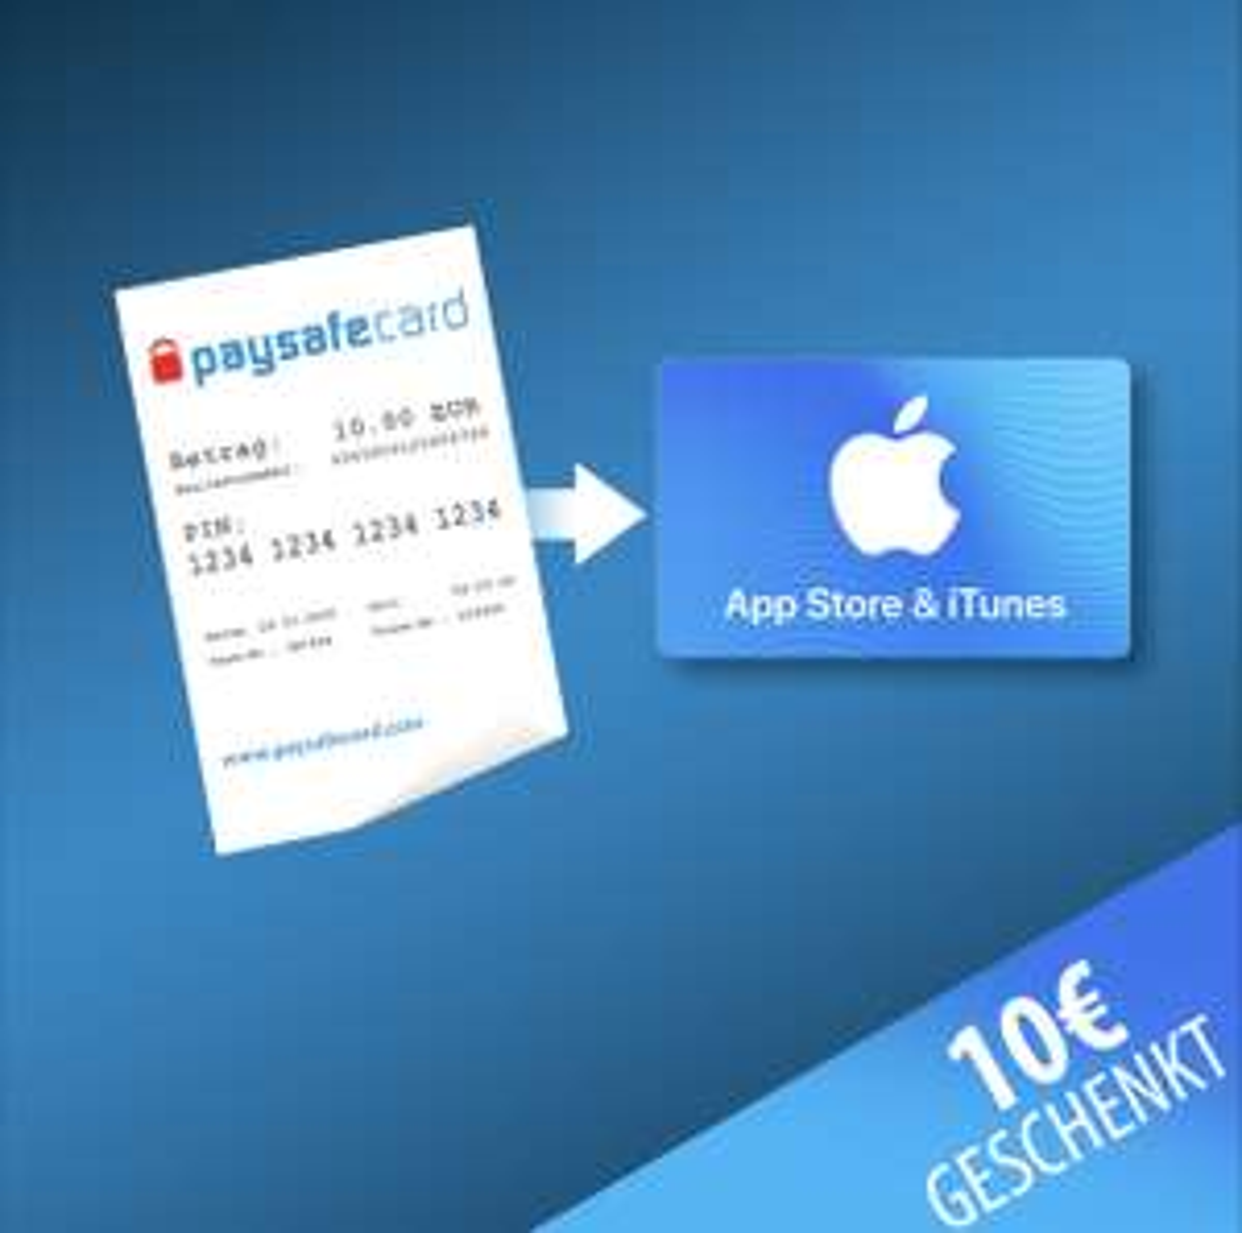 [Paysafecard.com] 10 Euro iTunes Guthaben für Neukunden